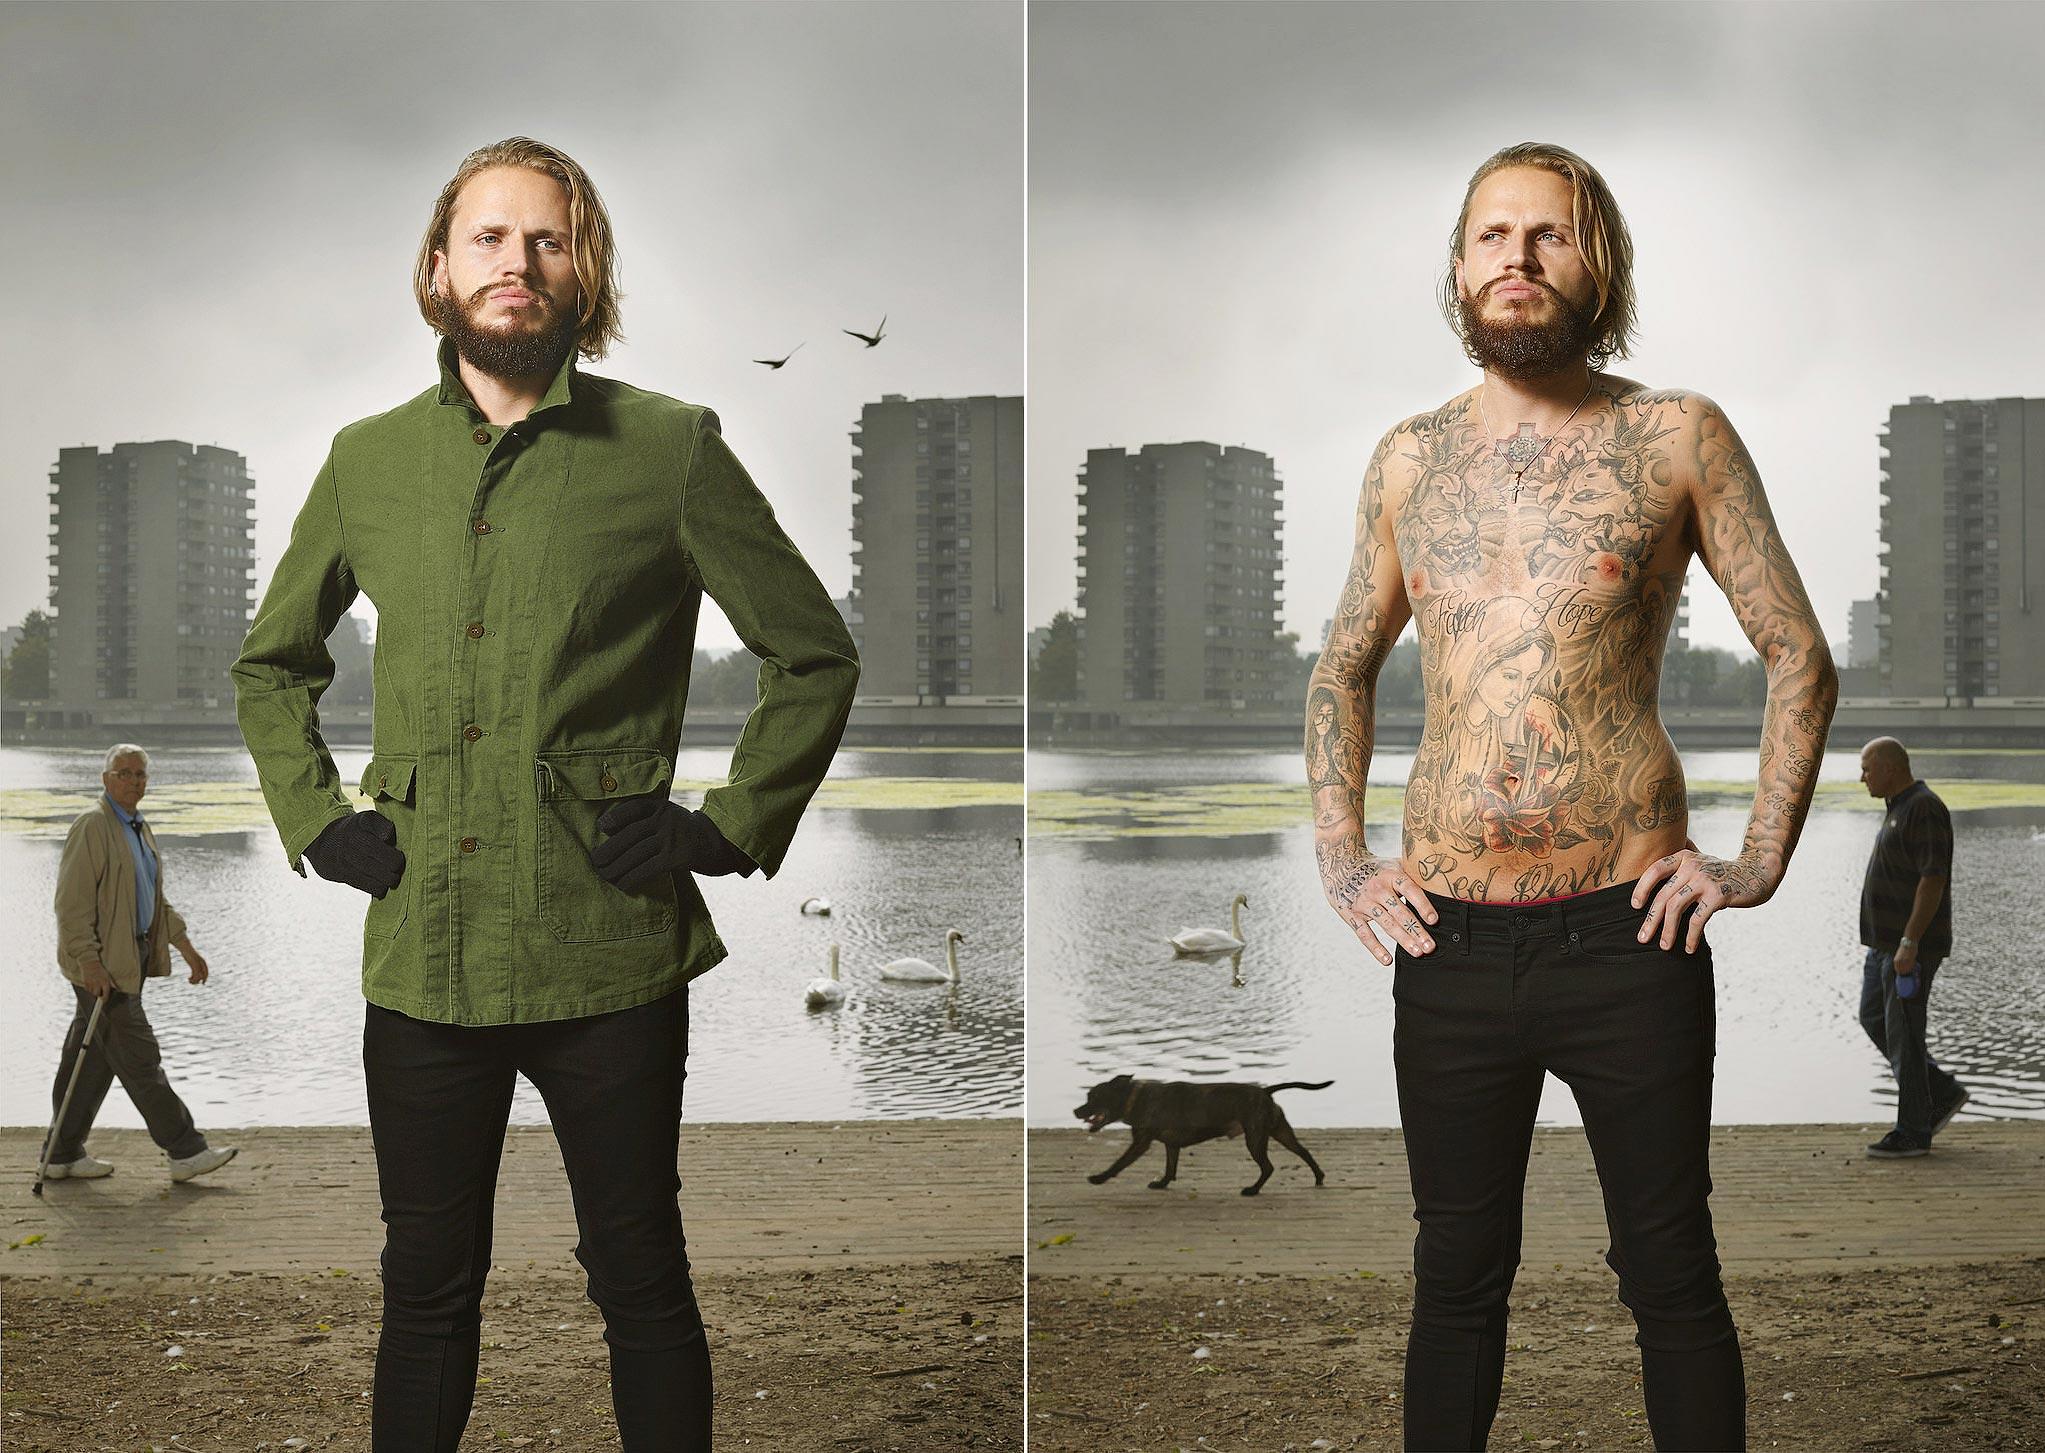 013 14 фото английских любителей тату в одежде и без